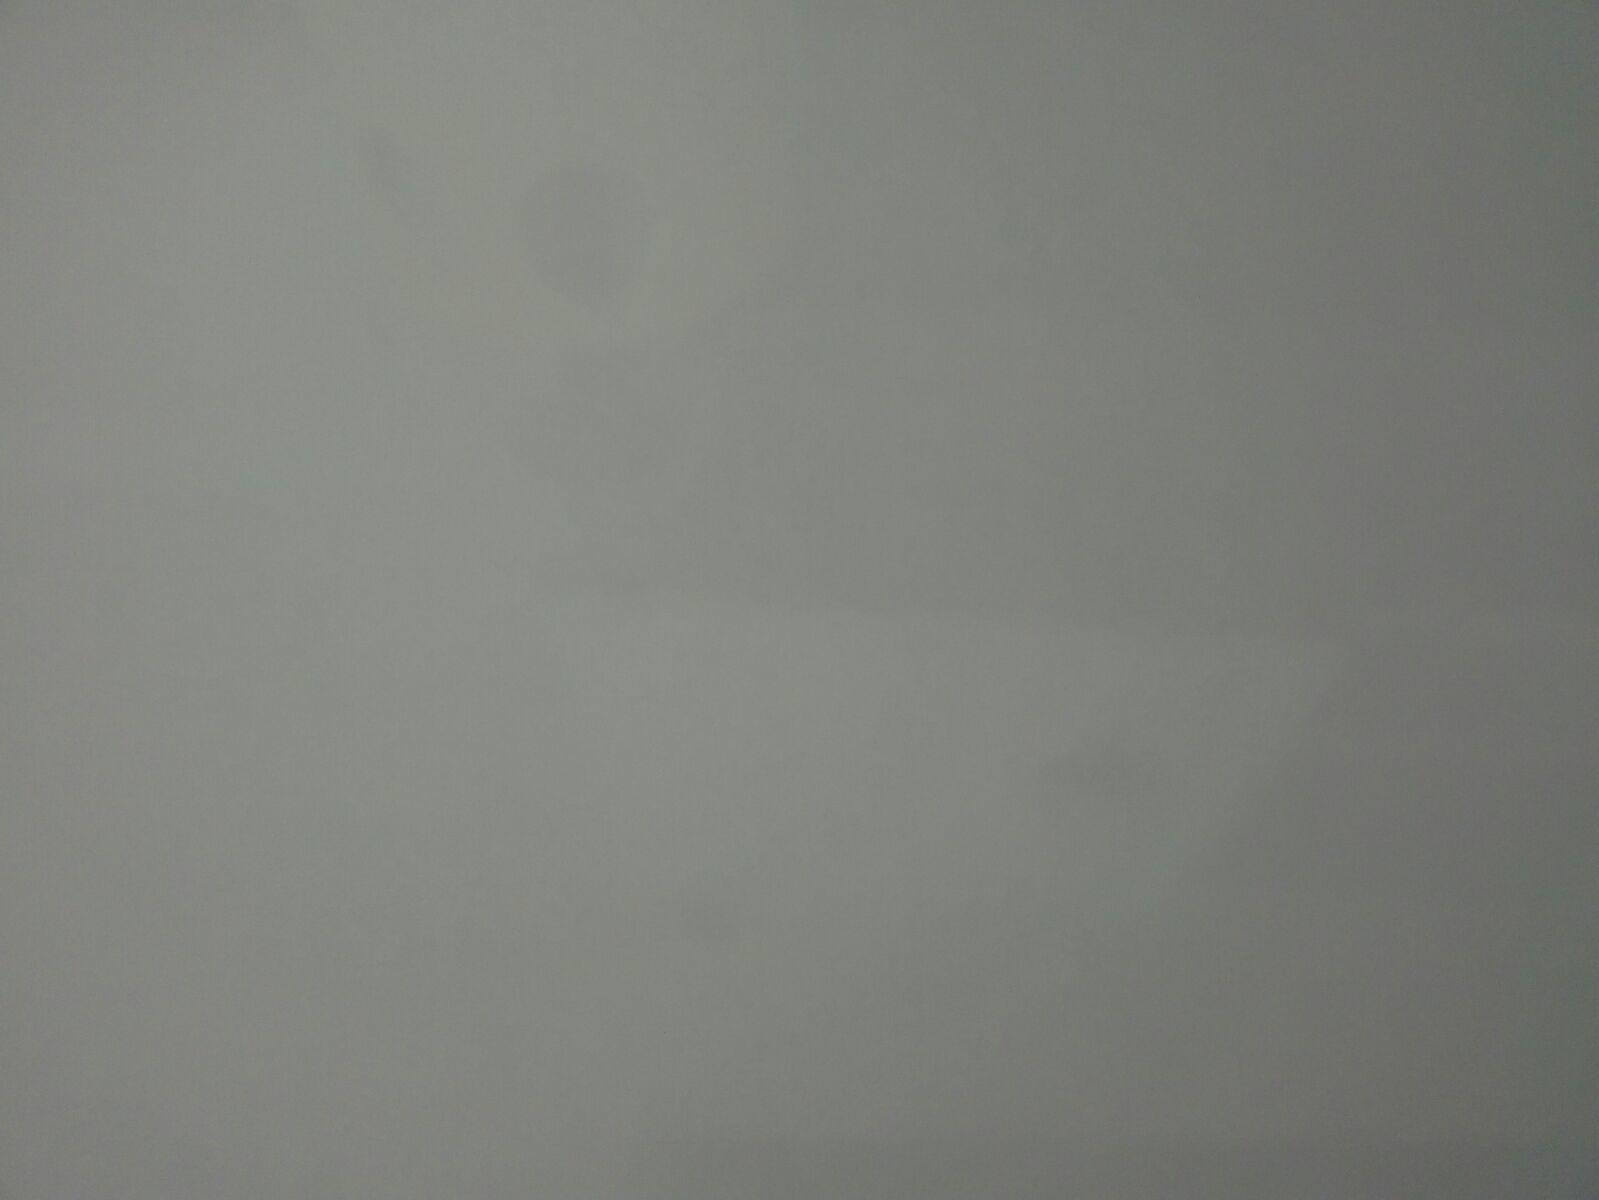 hayali puiv yazısı